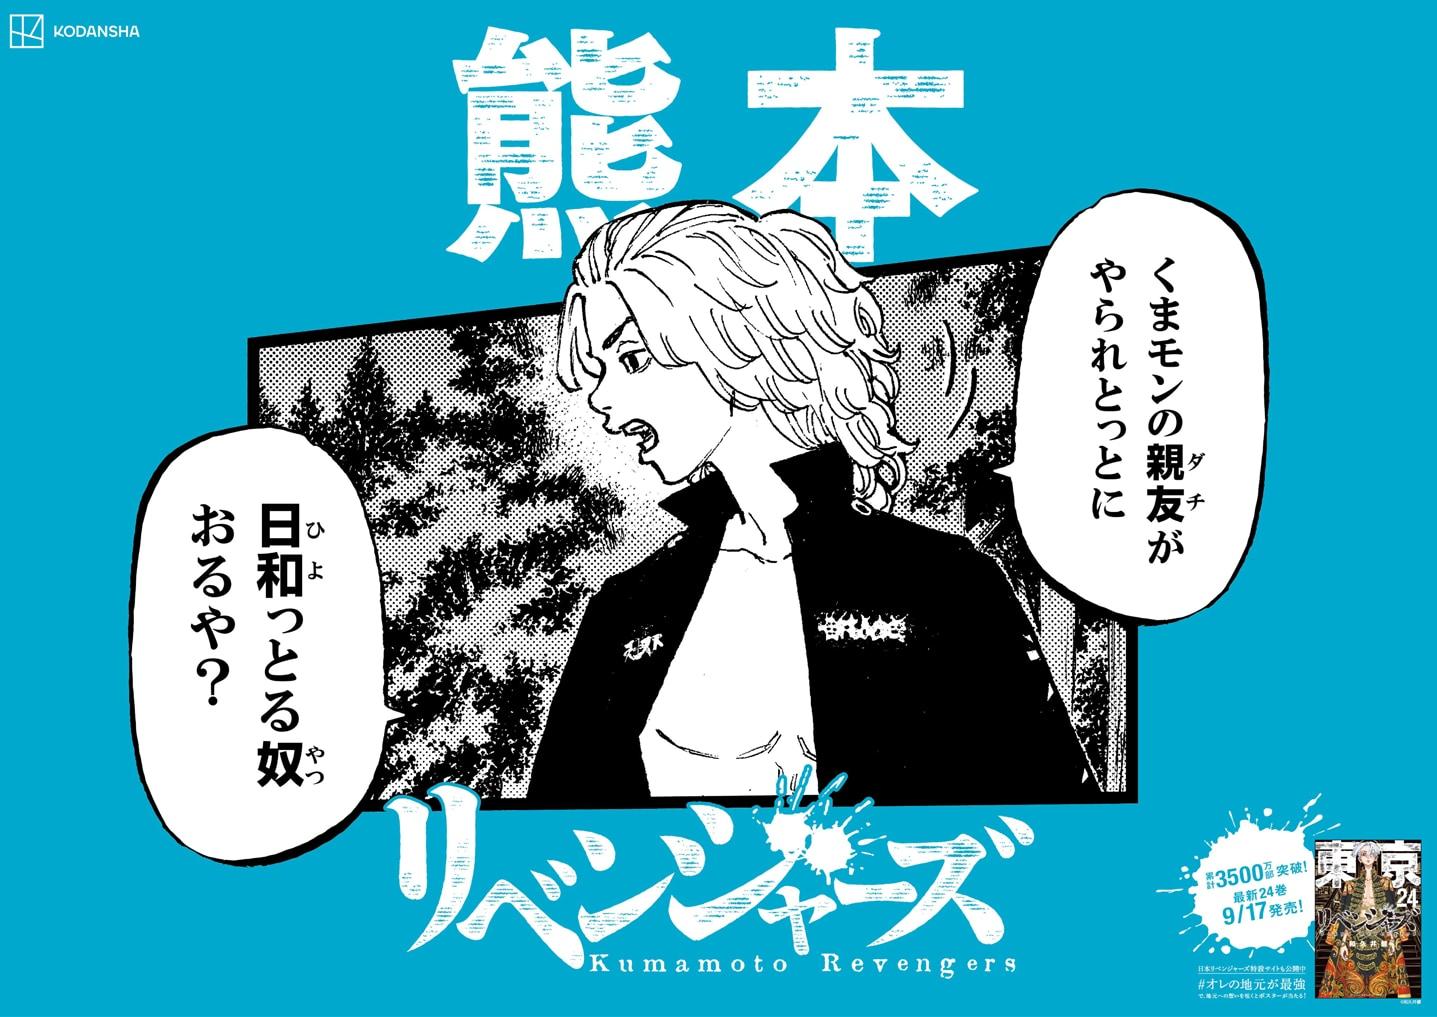 「東リベ」が日本をアゲる!キャラが方言で喋るポスター47種が期間限定で東京駅に出現